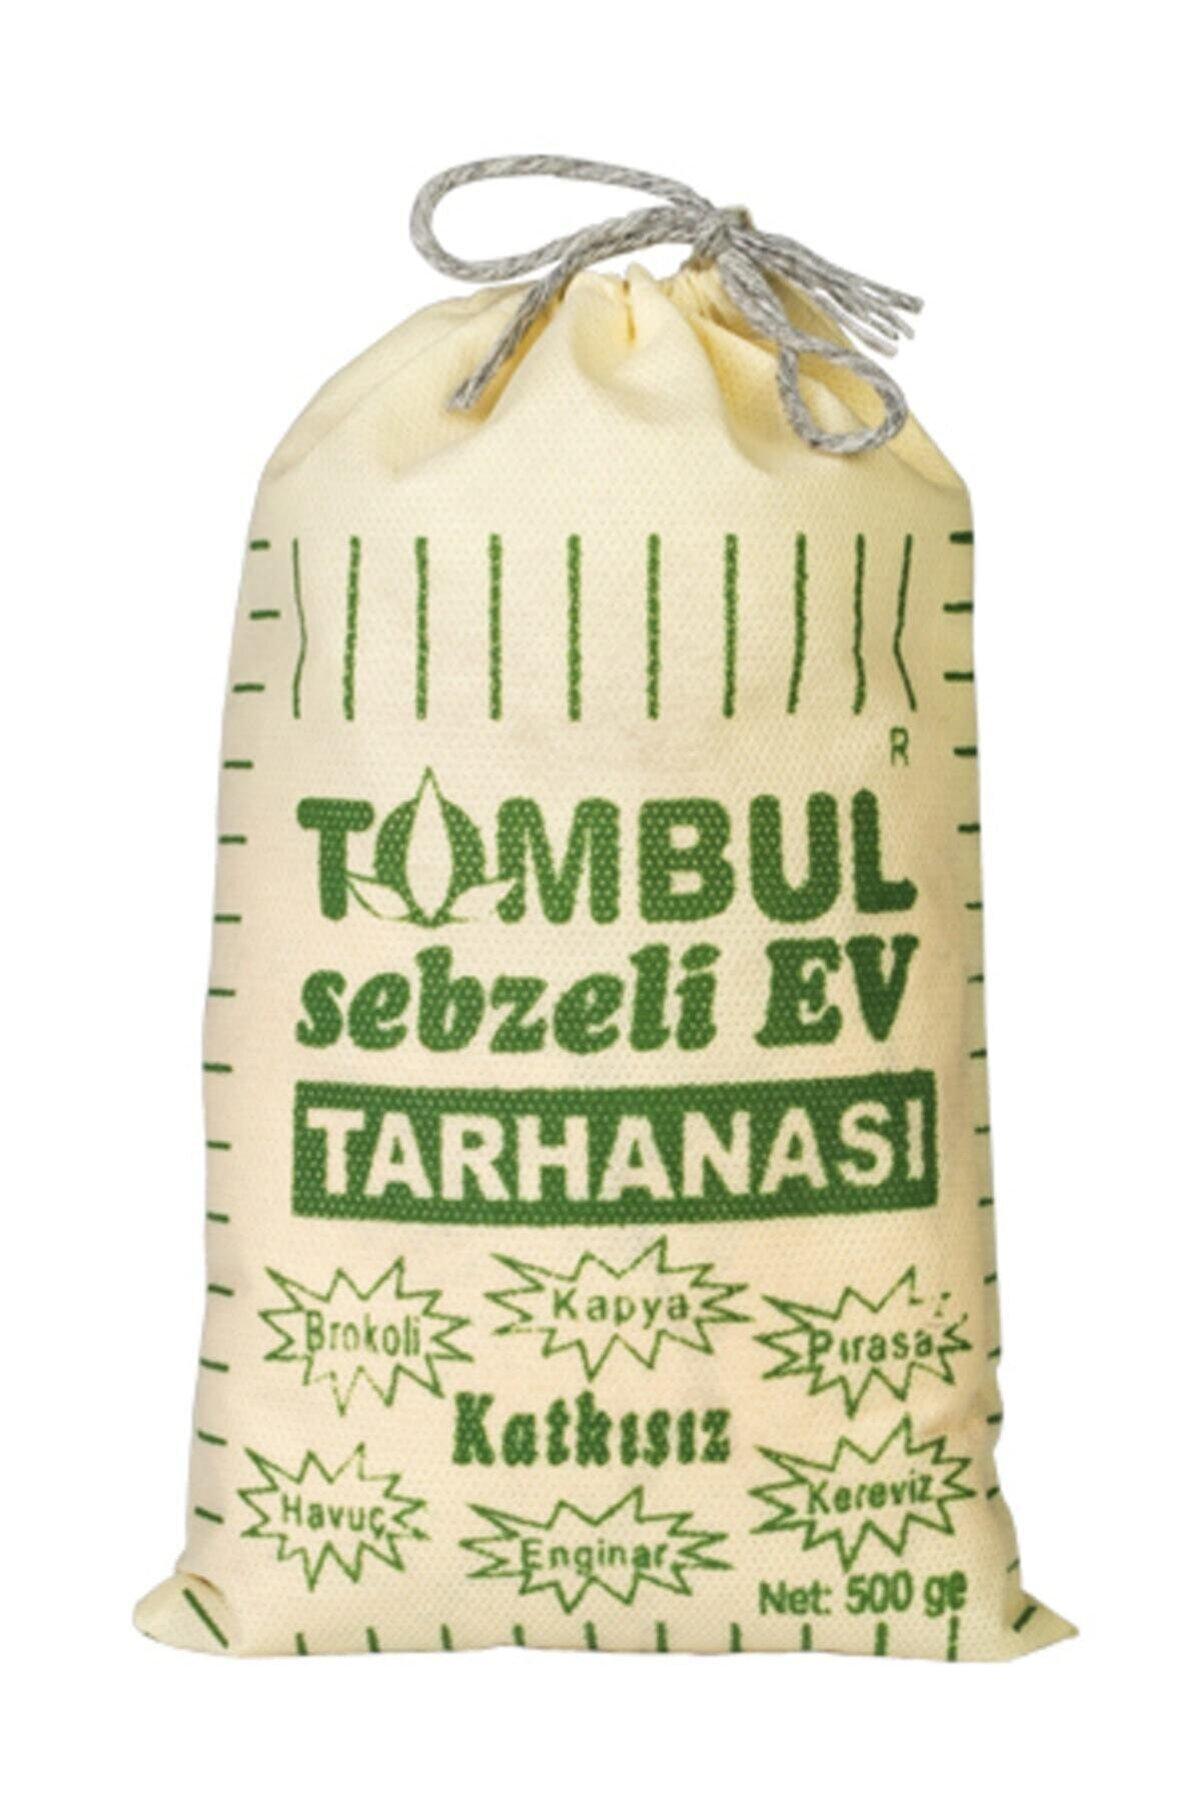 Tombul Tarhana Tombul Katkısız Ev Tarhanası 500 gr - Sebzeli